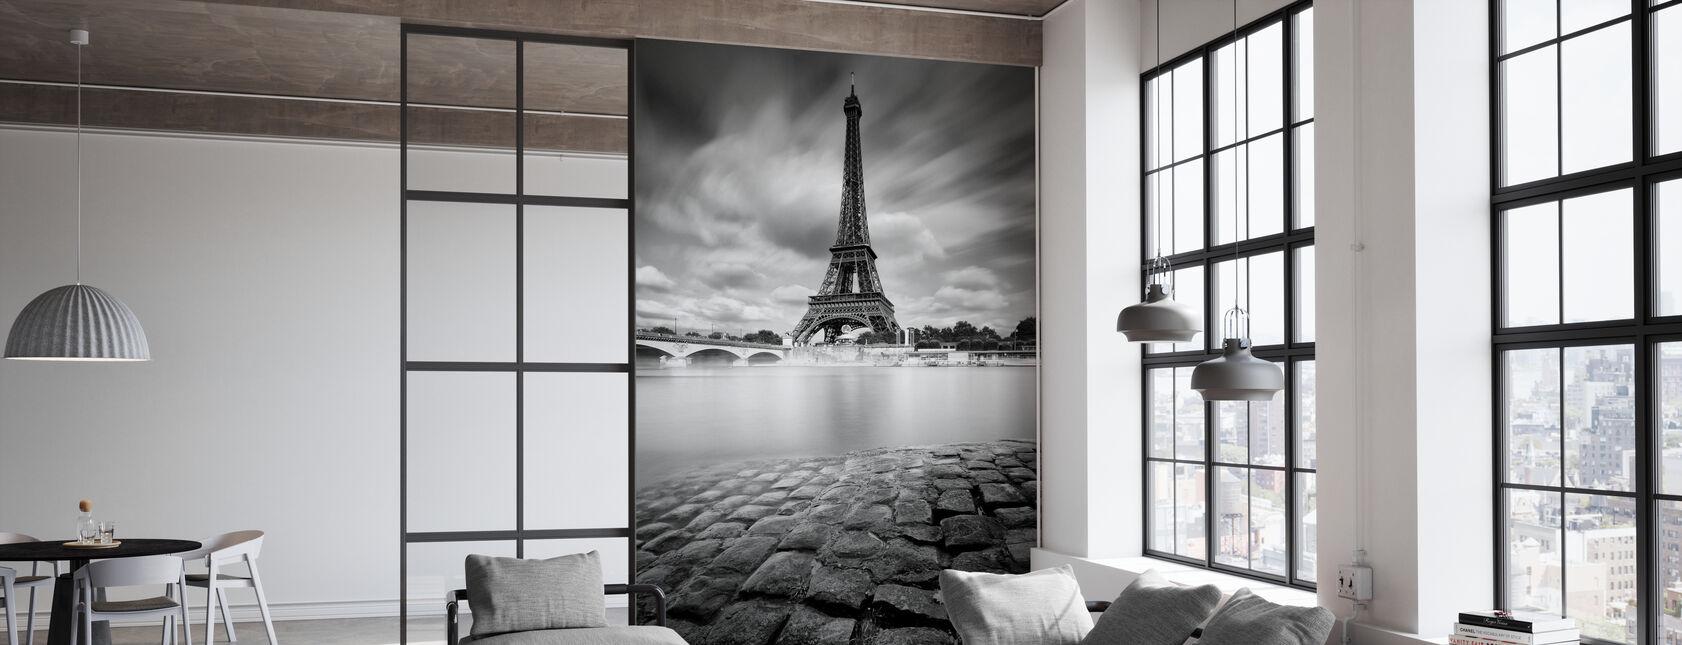 Studie van de Eiffeltoren - Behang - Kantoor